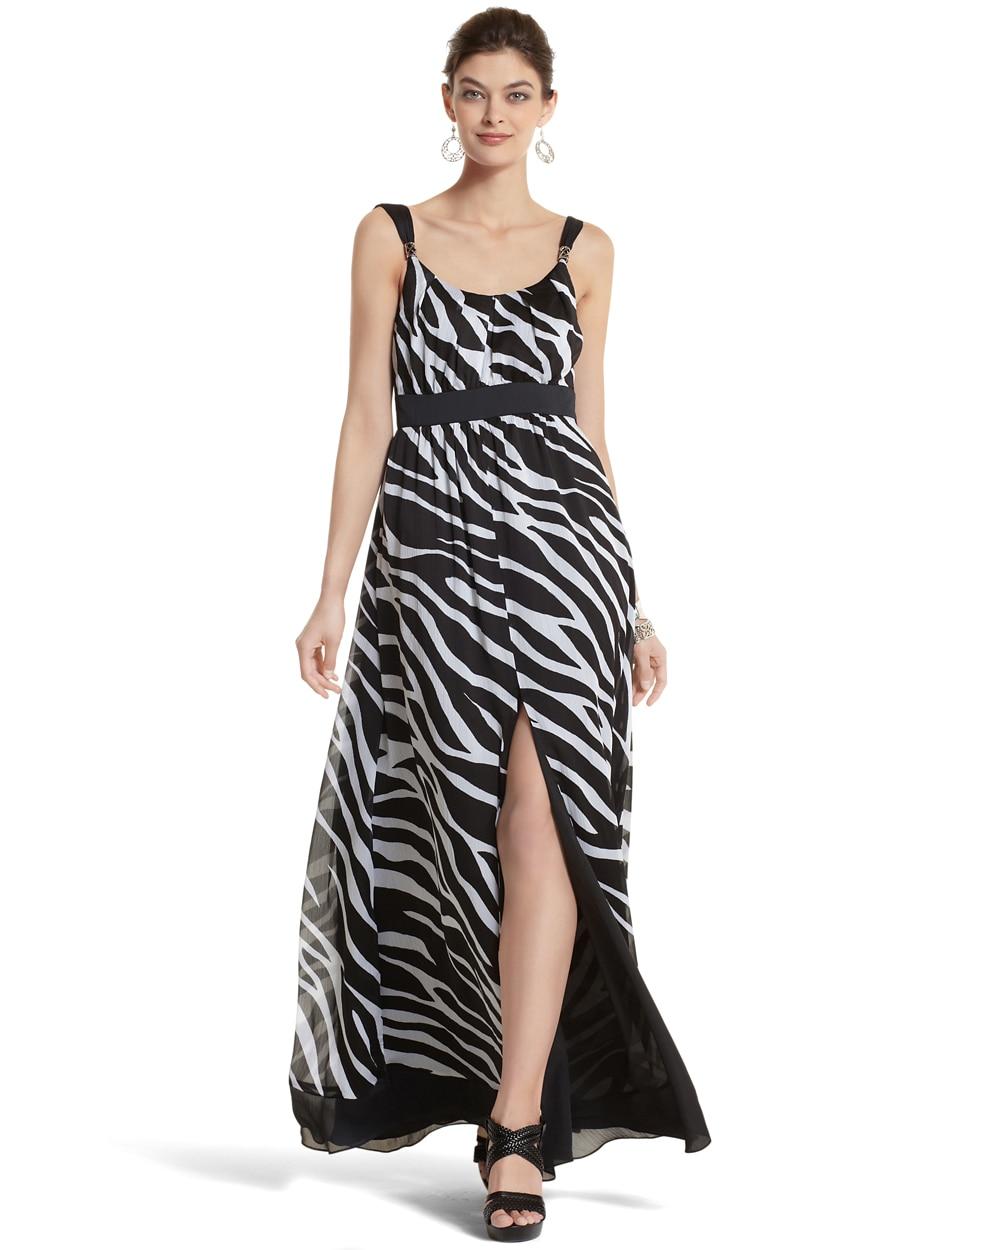 70248f2654 Zebra-Print Maxi Dress - White House Black Market